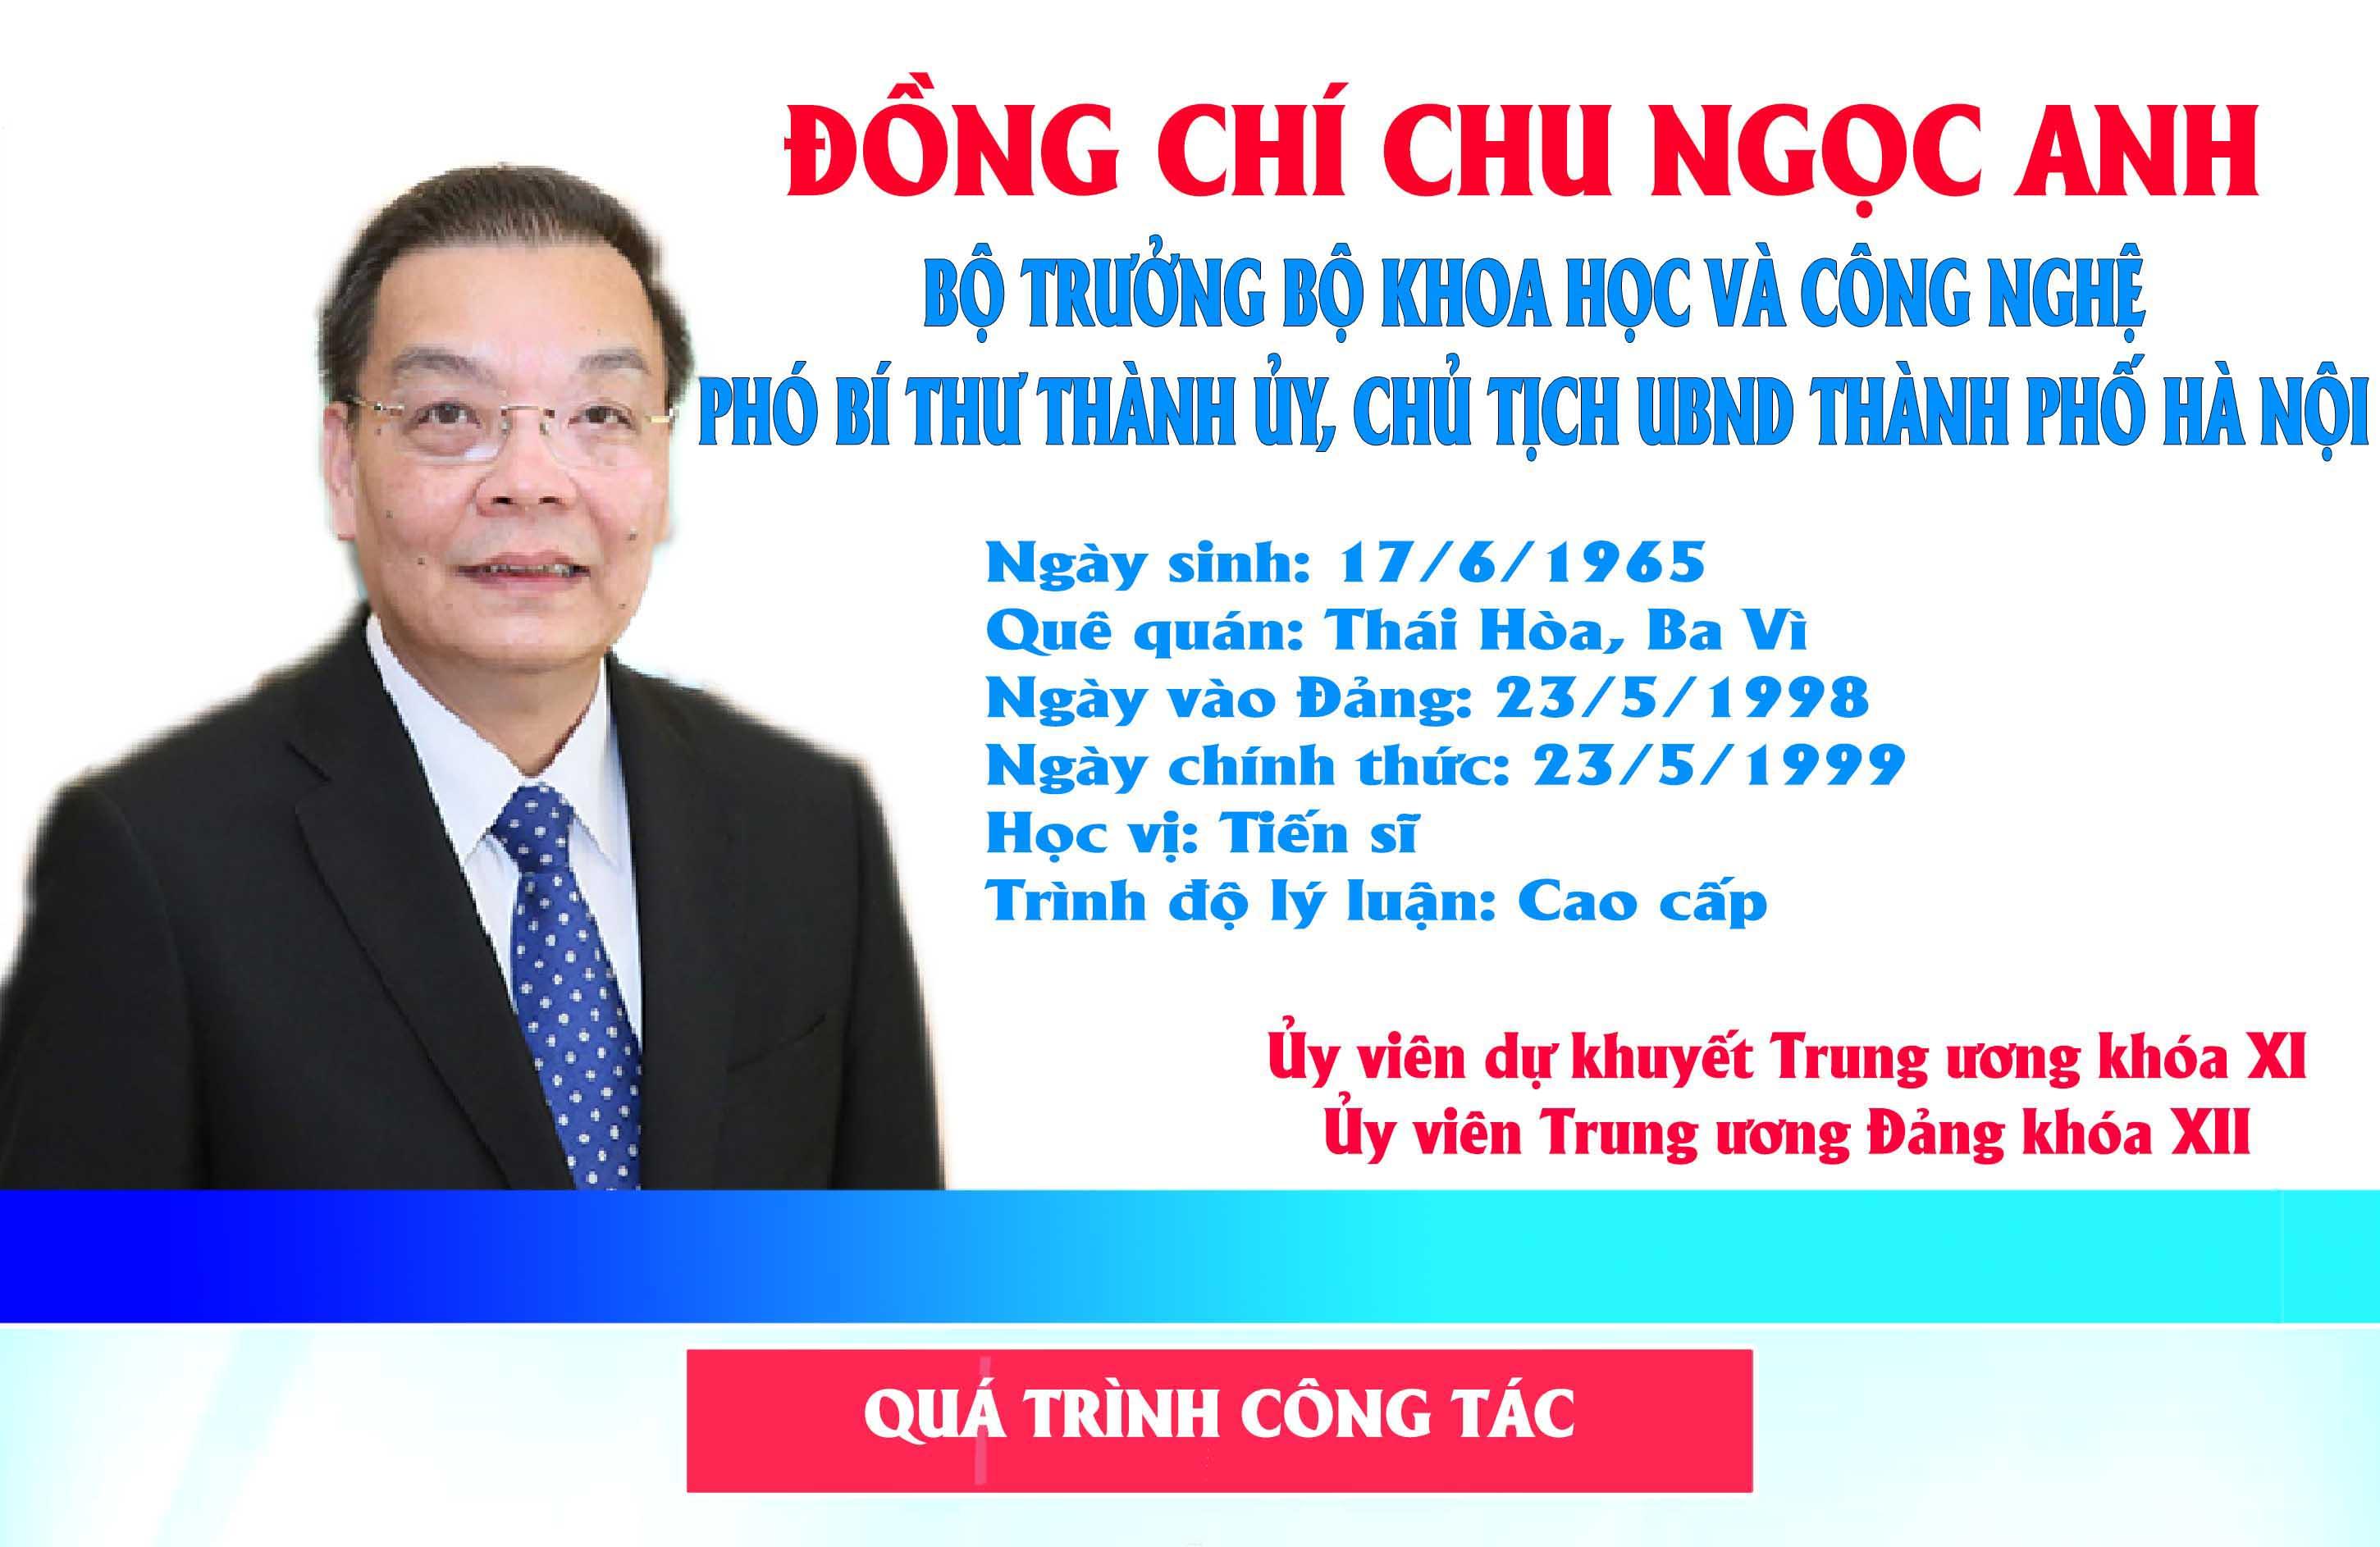 [Infographic] Chân dung tân Chủ tịch UBND TP Hà Nội Chu Ngọc Anh